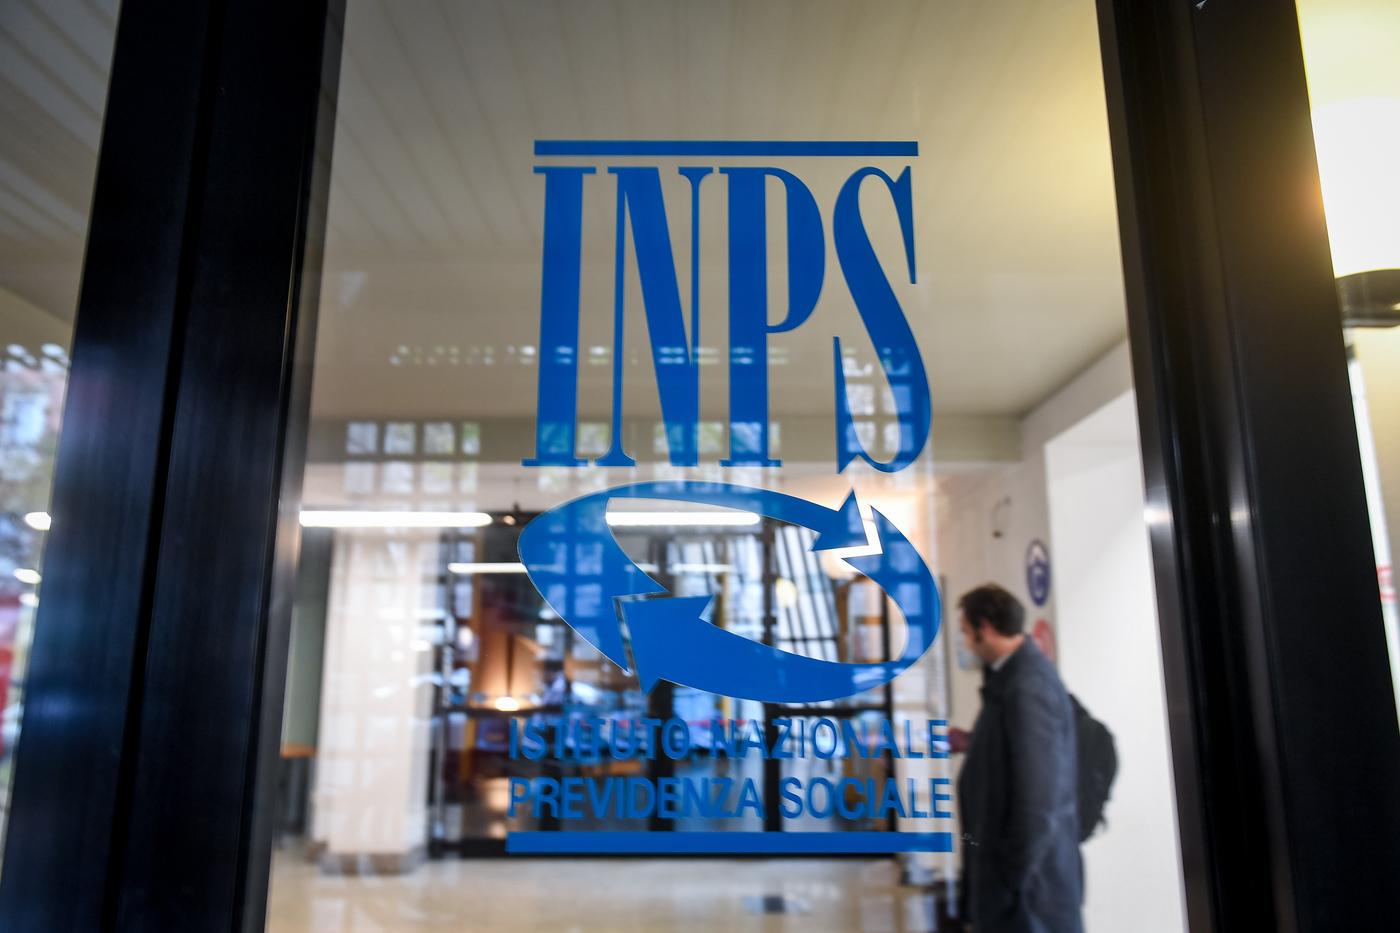 Risarcimento violazione dati personali INPS, come richiederlo